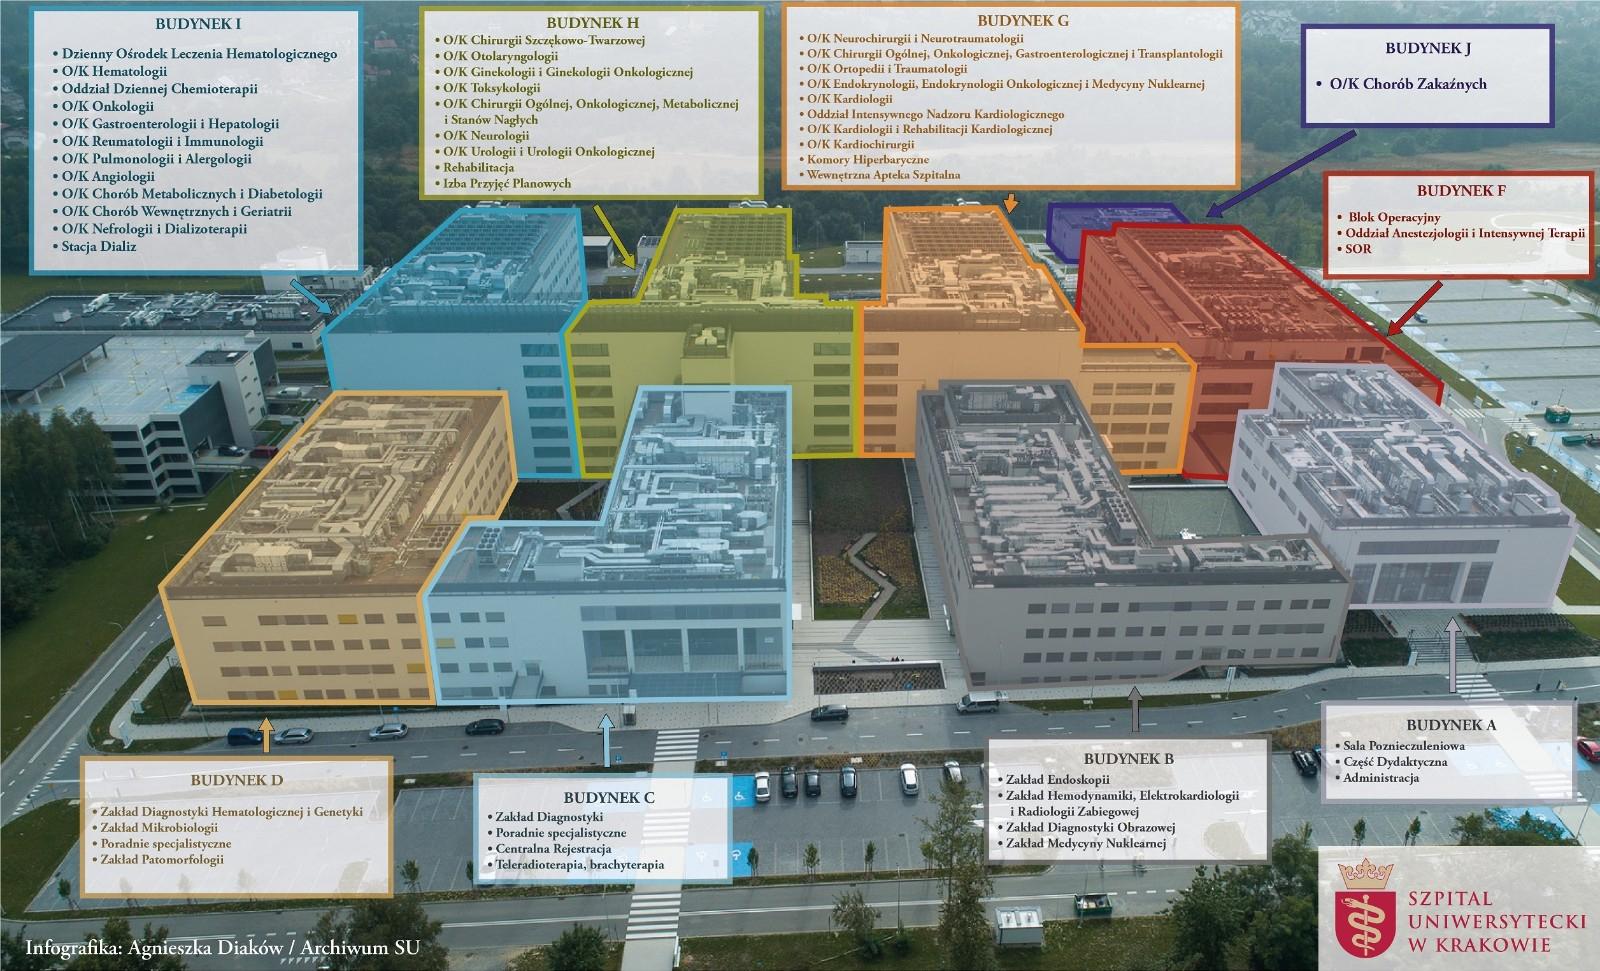 Mapa Nowej Siedziby Szpitala Uniwersyteckiego Szpital